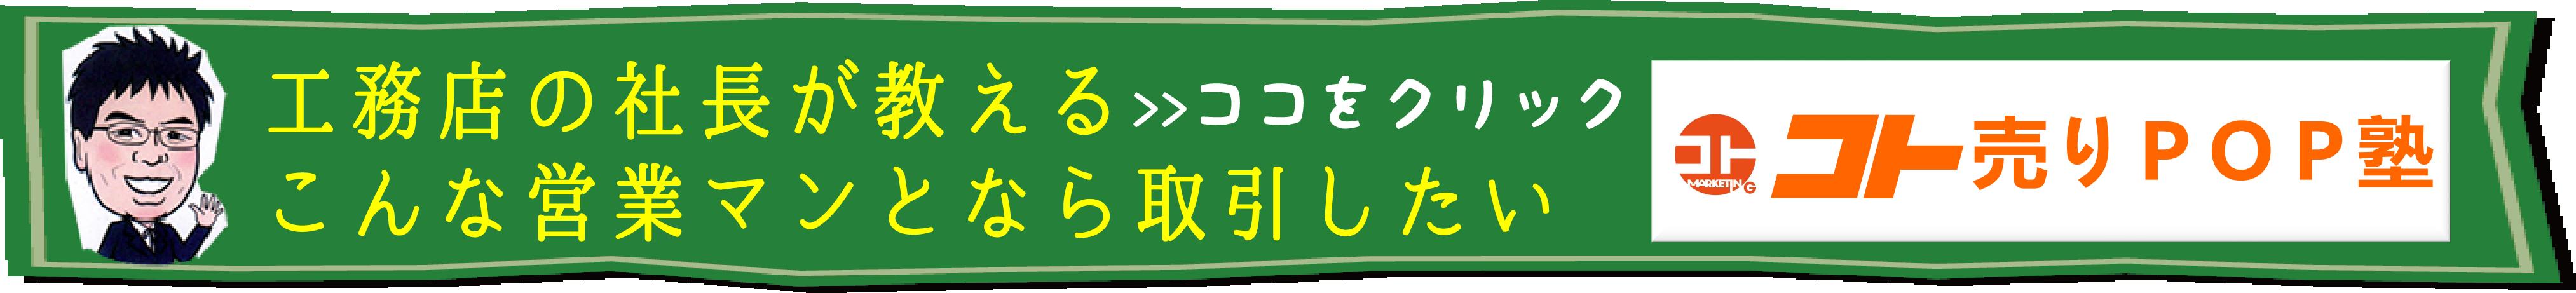 nankai003